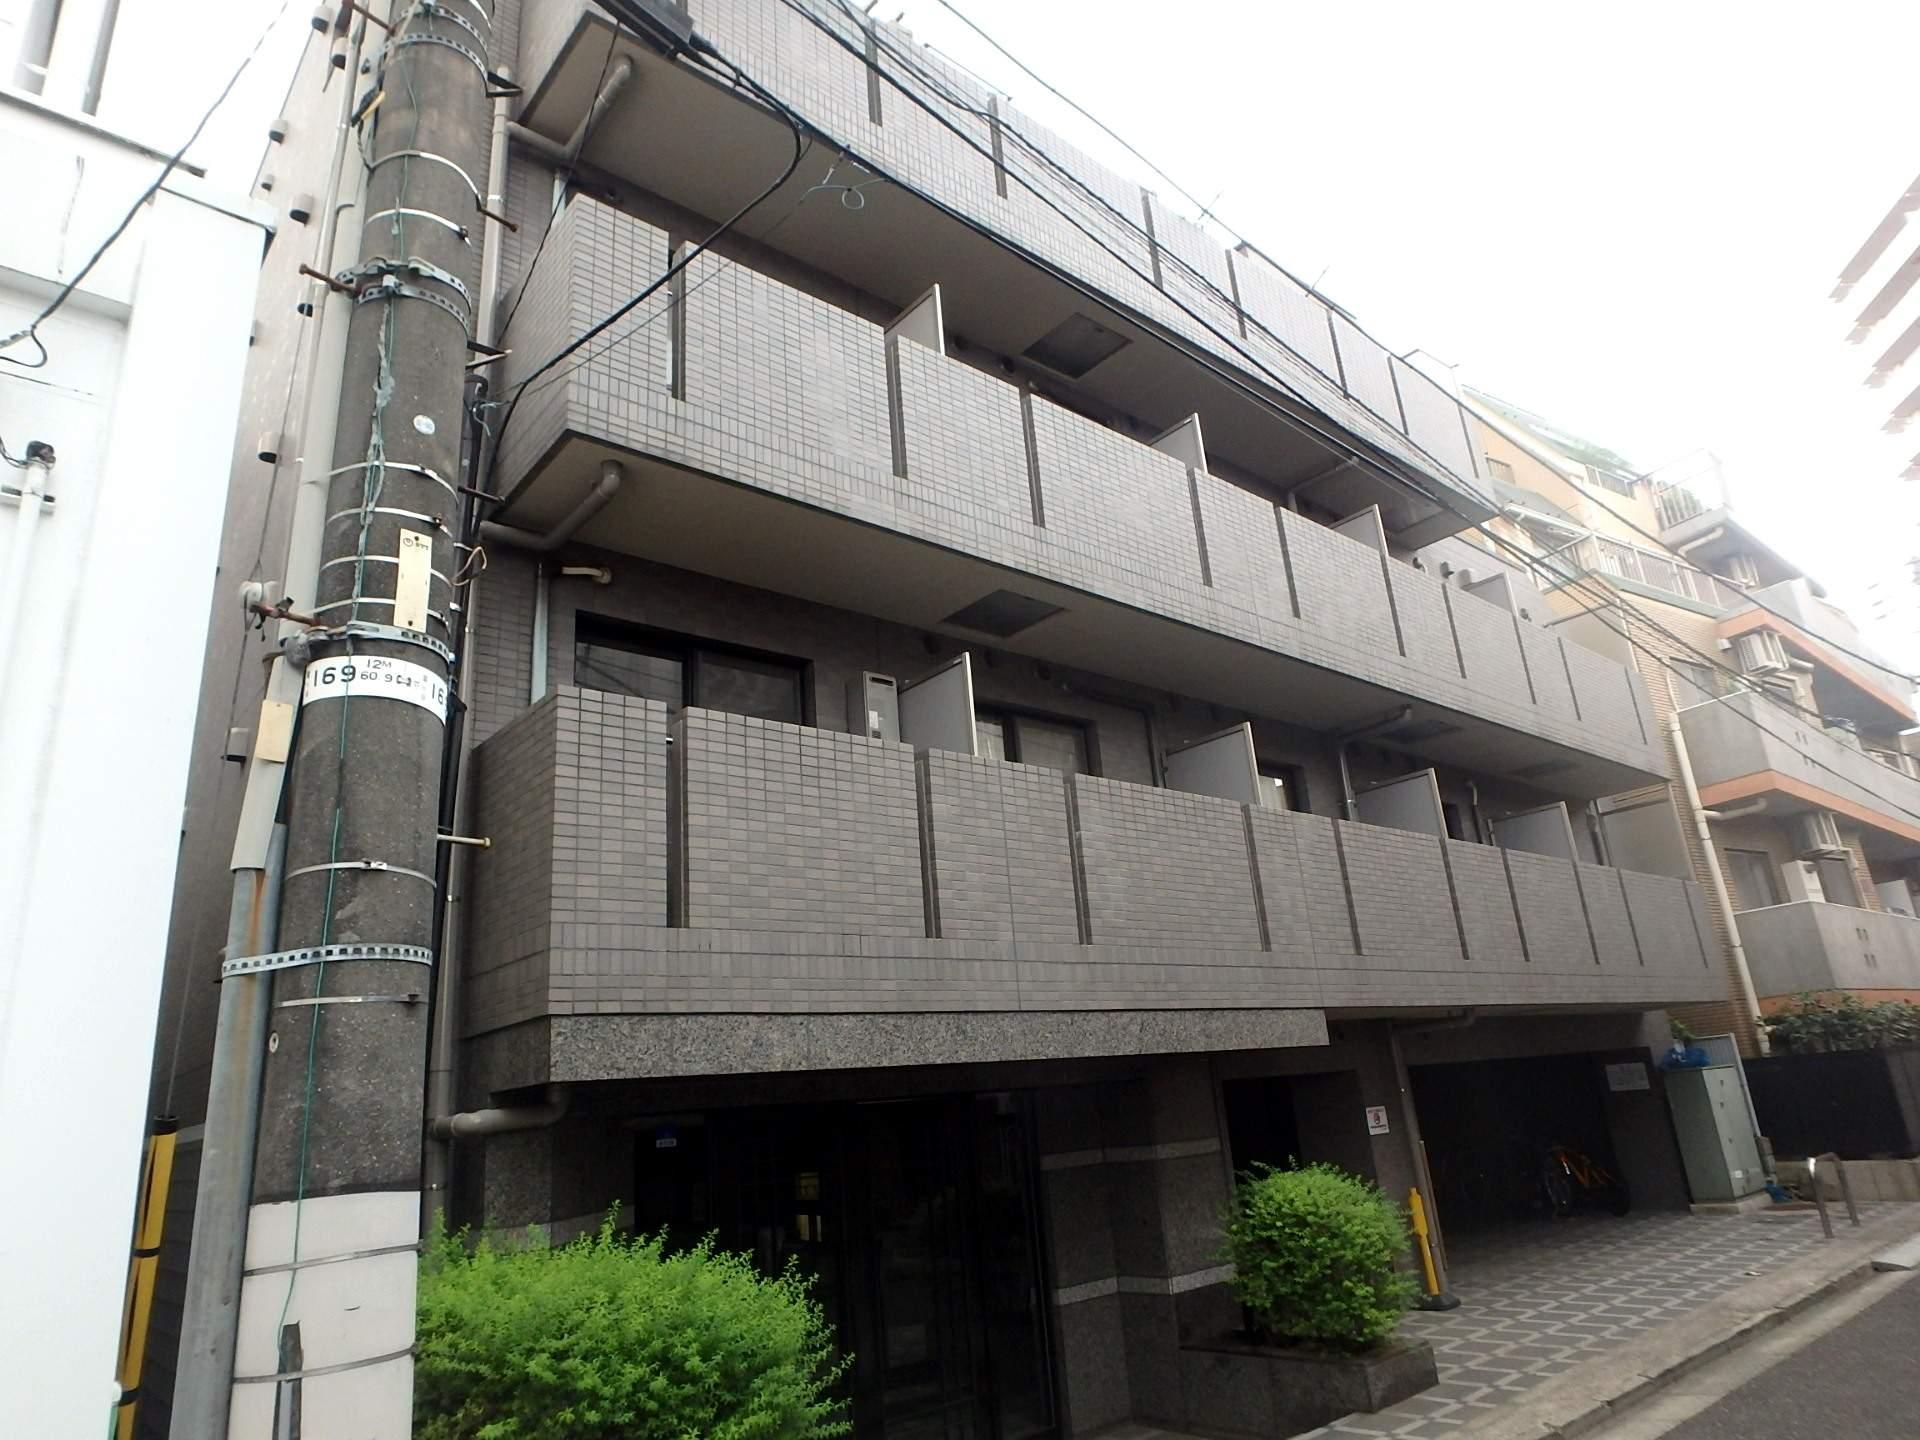 東京都渋谷区、神泉駅徒歩13分の築15年 5階建の賃貸マンション